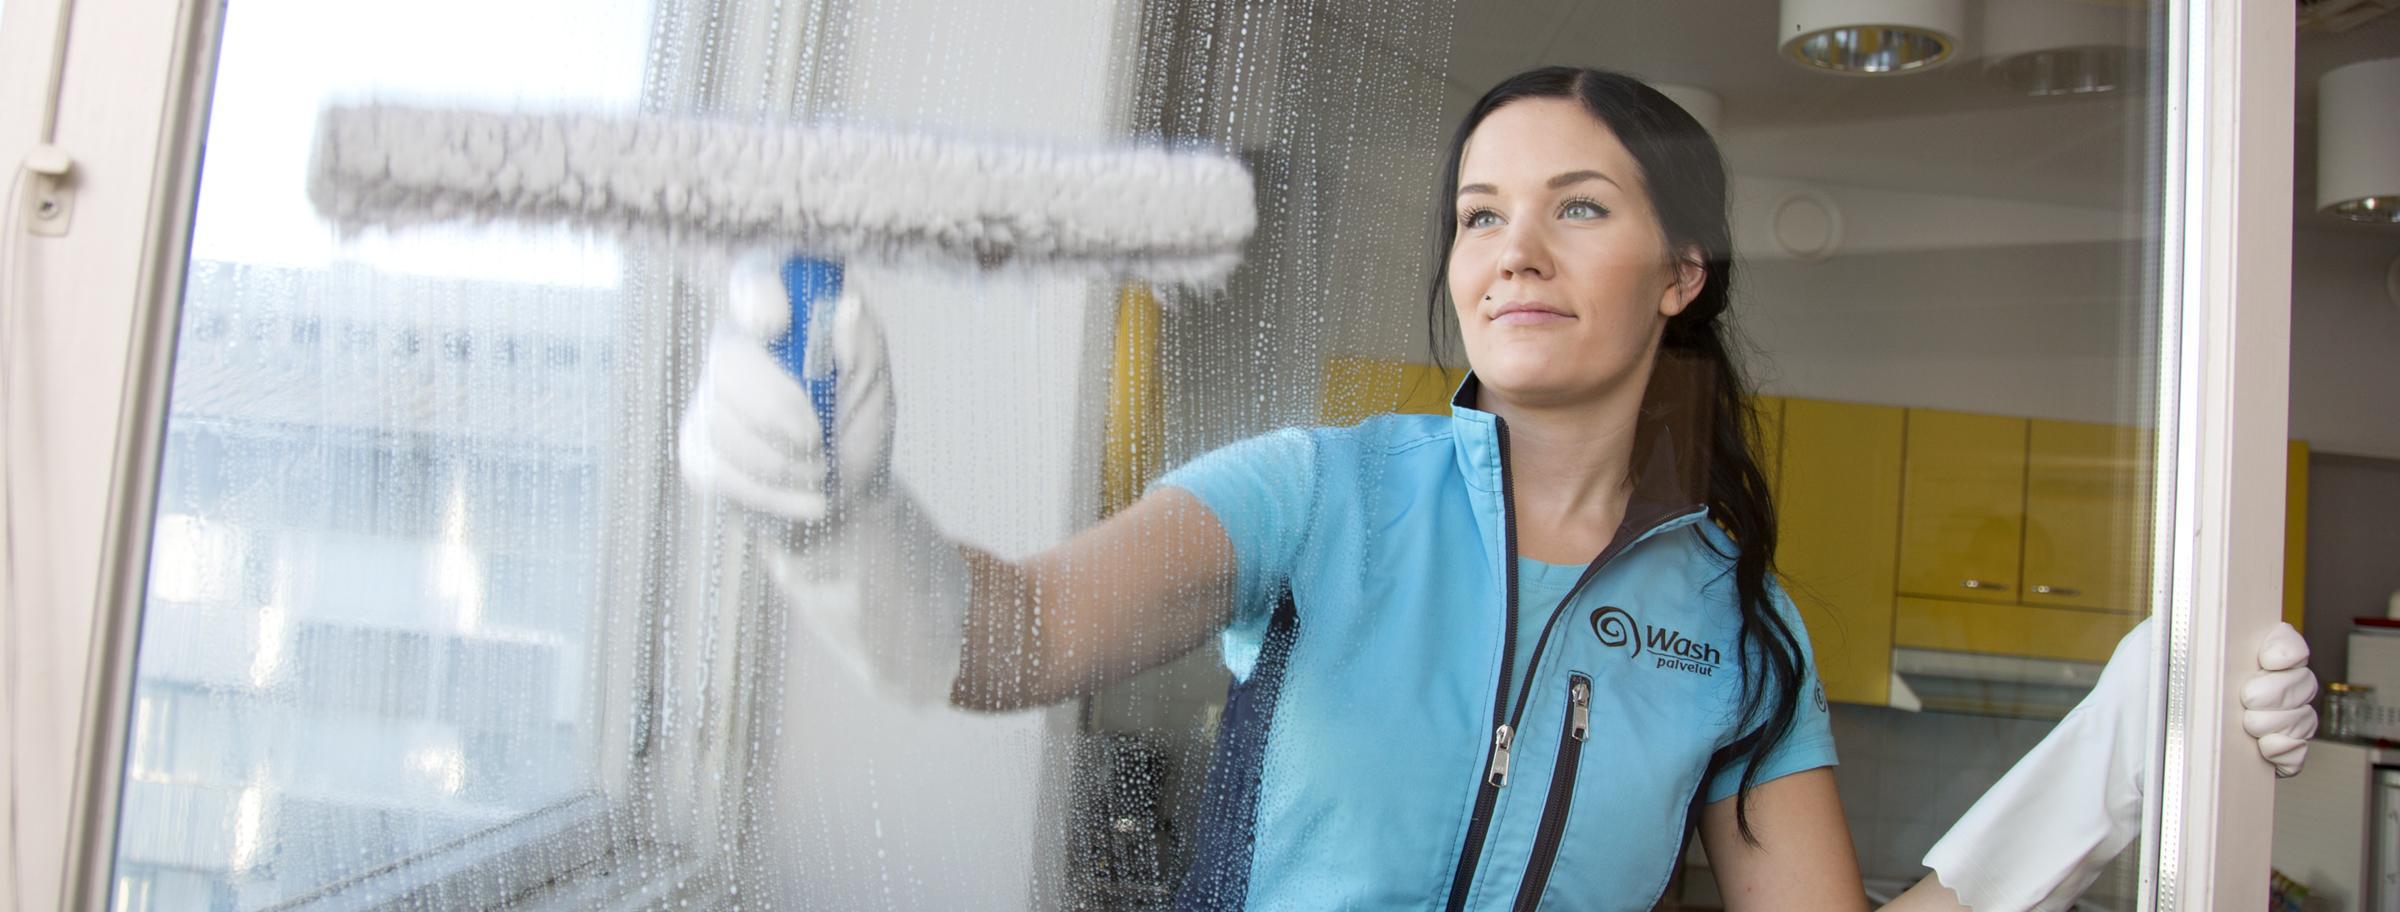 Wash palvelut - tilaustyöt